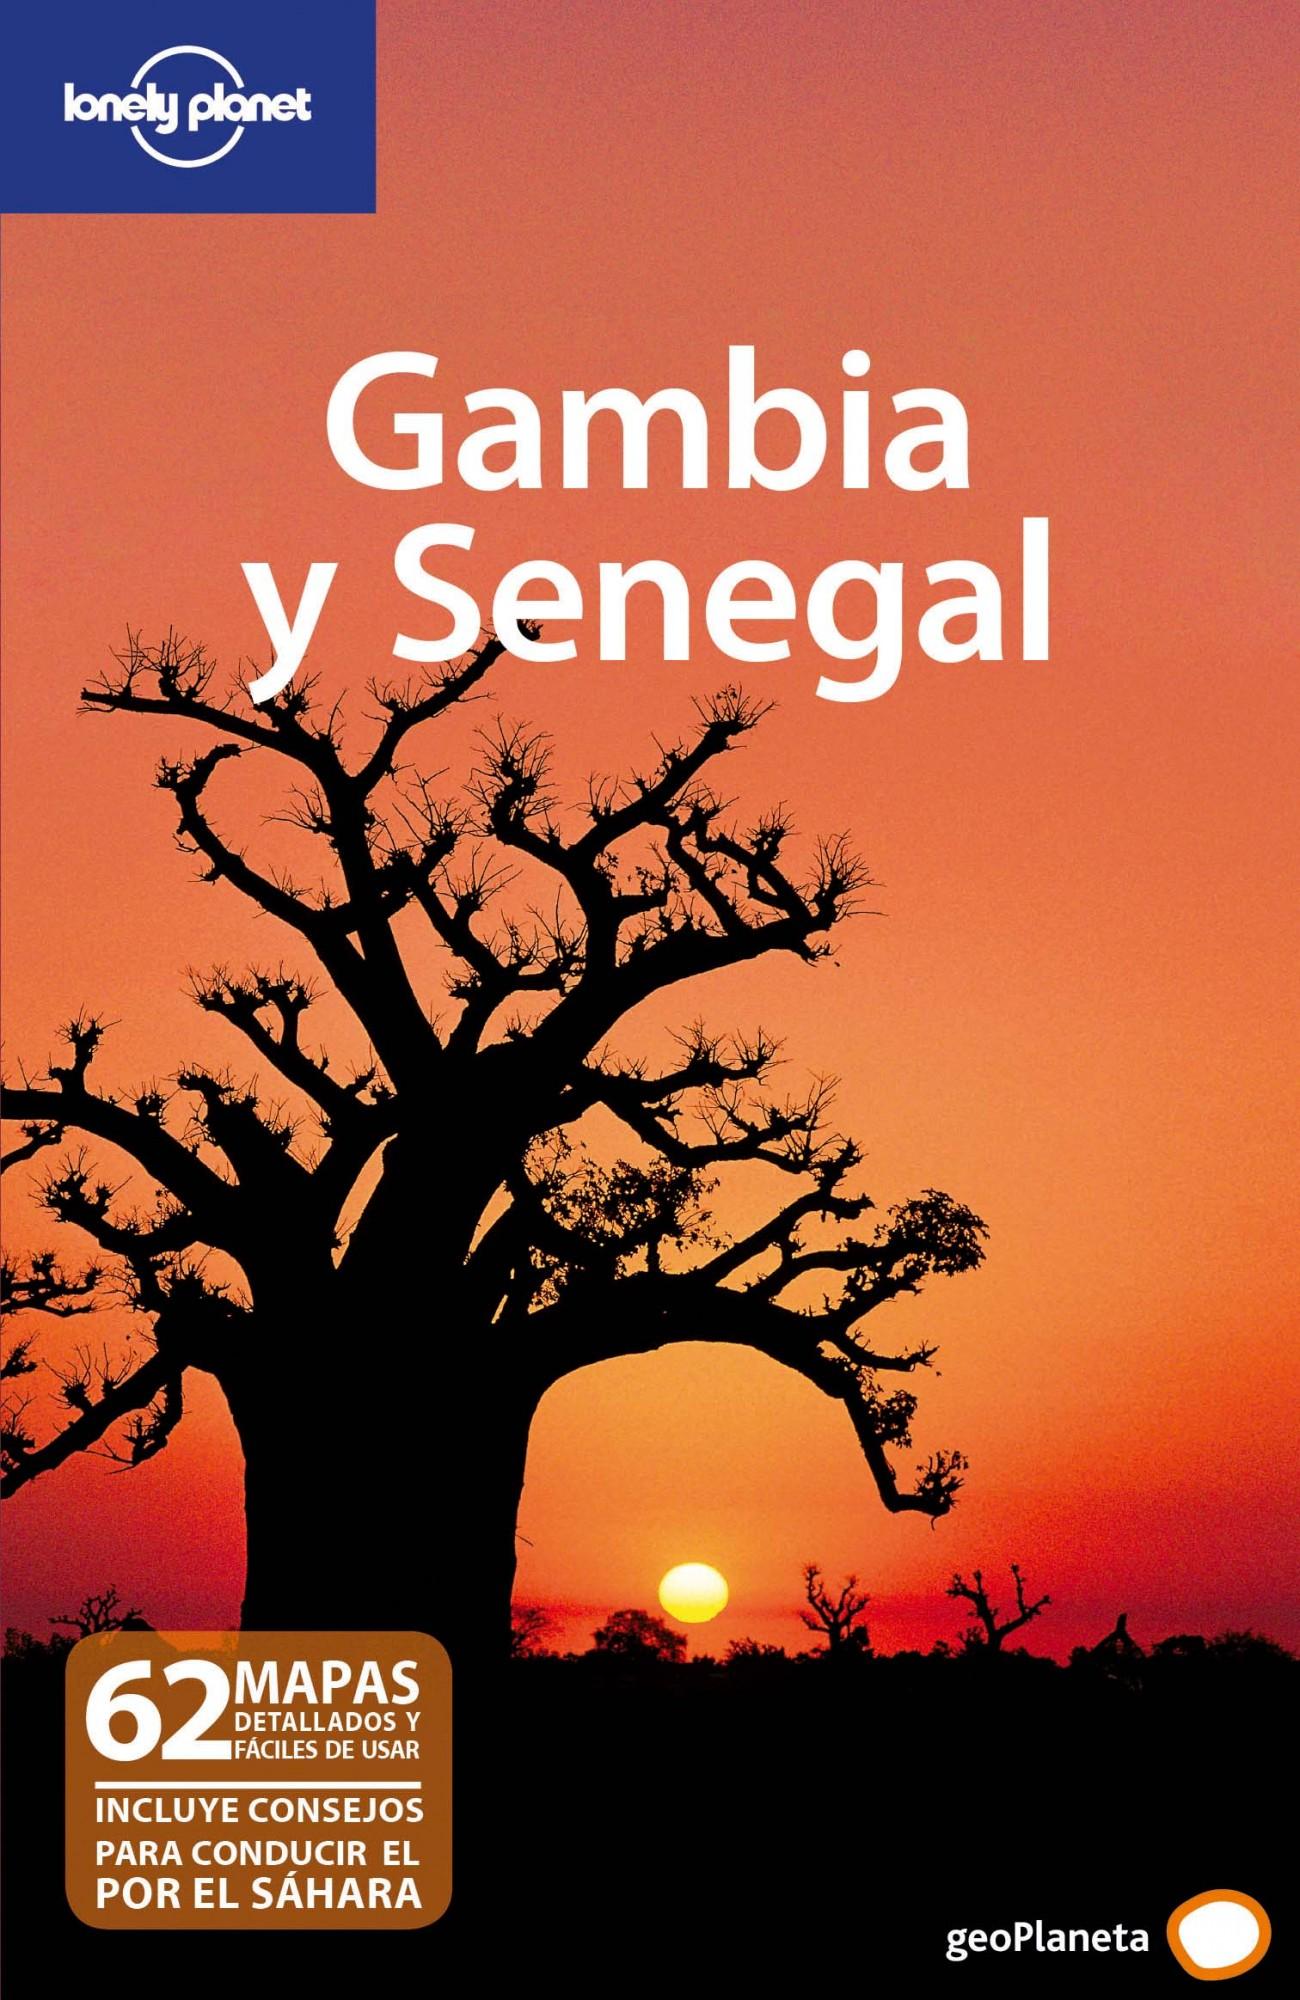 Gambia Y Senegal 2010 (2ª Ed.) (lonely Planet) por Katharina Lobeck Kane epub